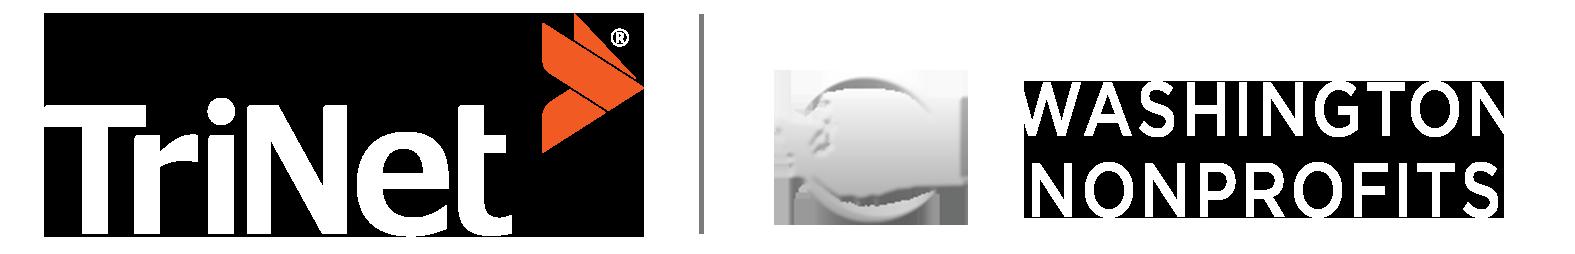 TriNet Washington Nonprofits Logo